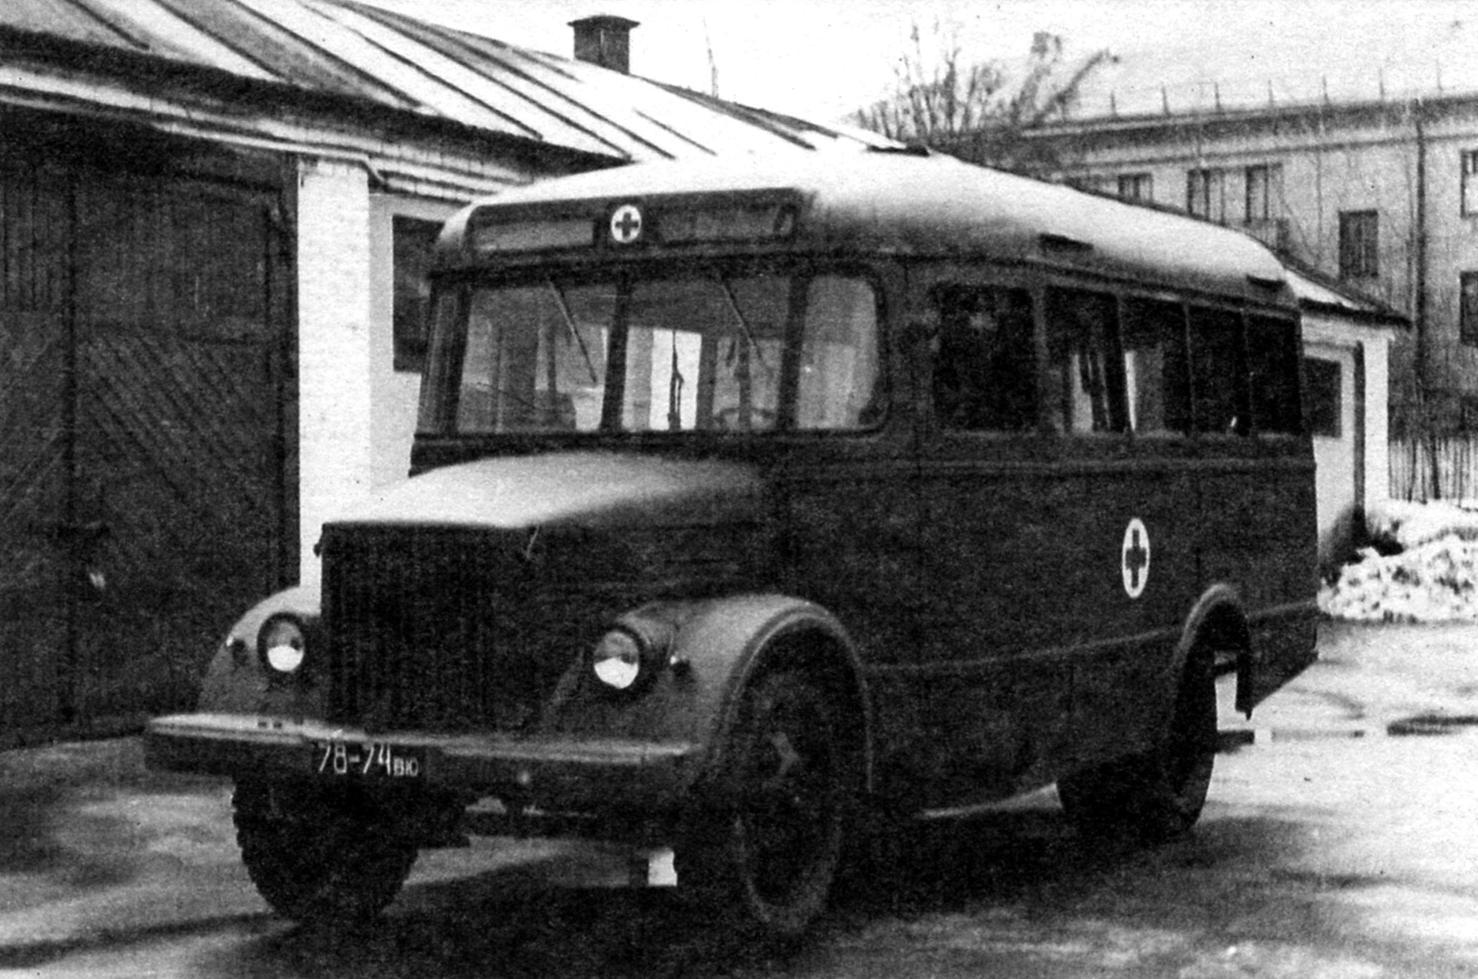 Санитарный автомобиль ПАЗ-653